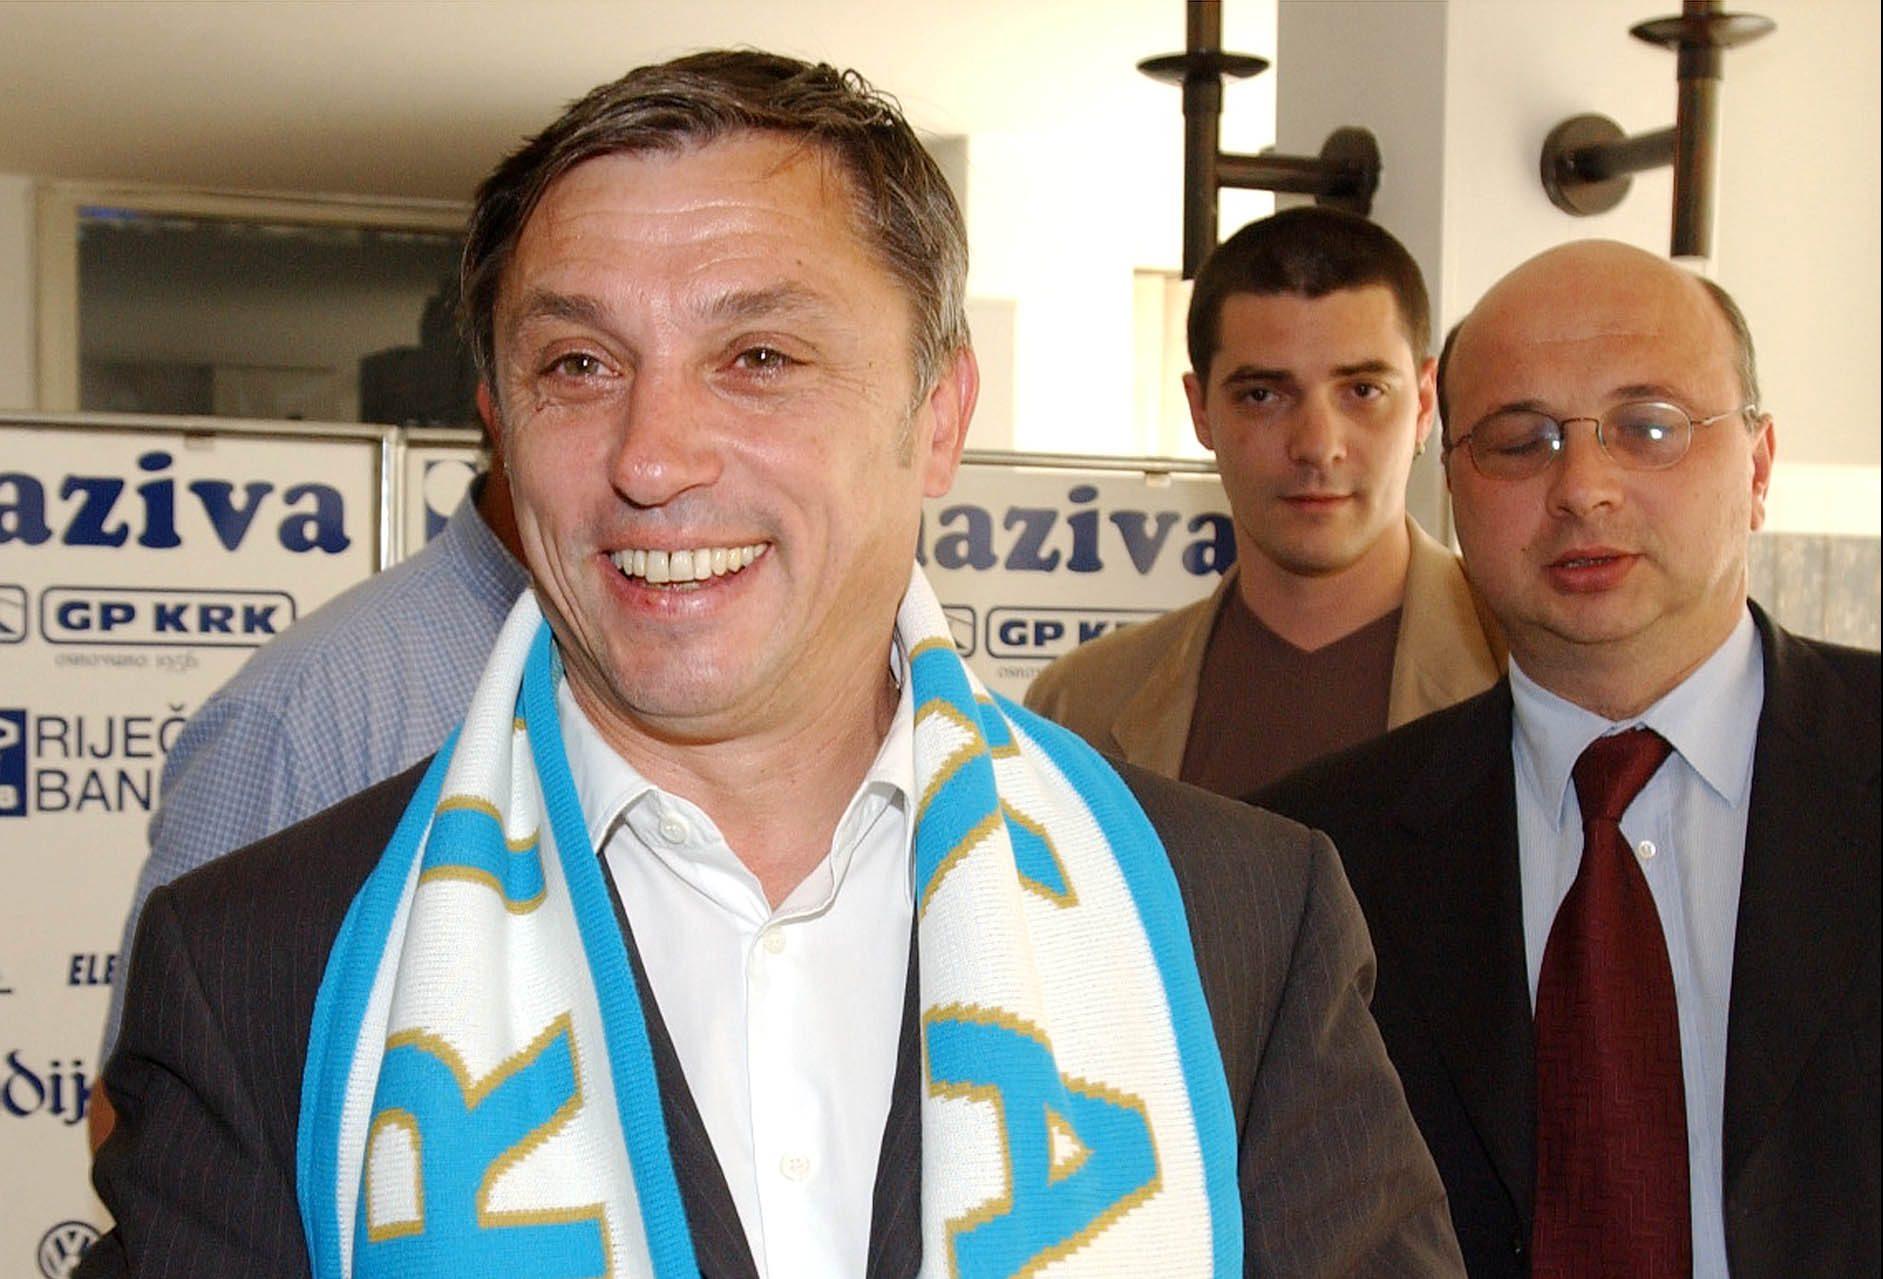 Zlatko Kranjčar s plavom bijelim šalom u prepoznatljivim osmjehom/Foto Arhiva NL